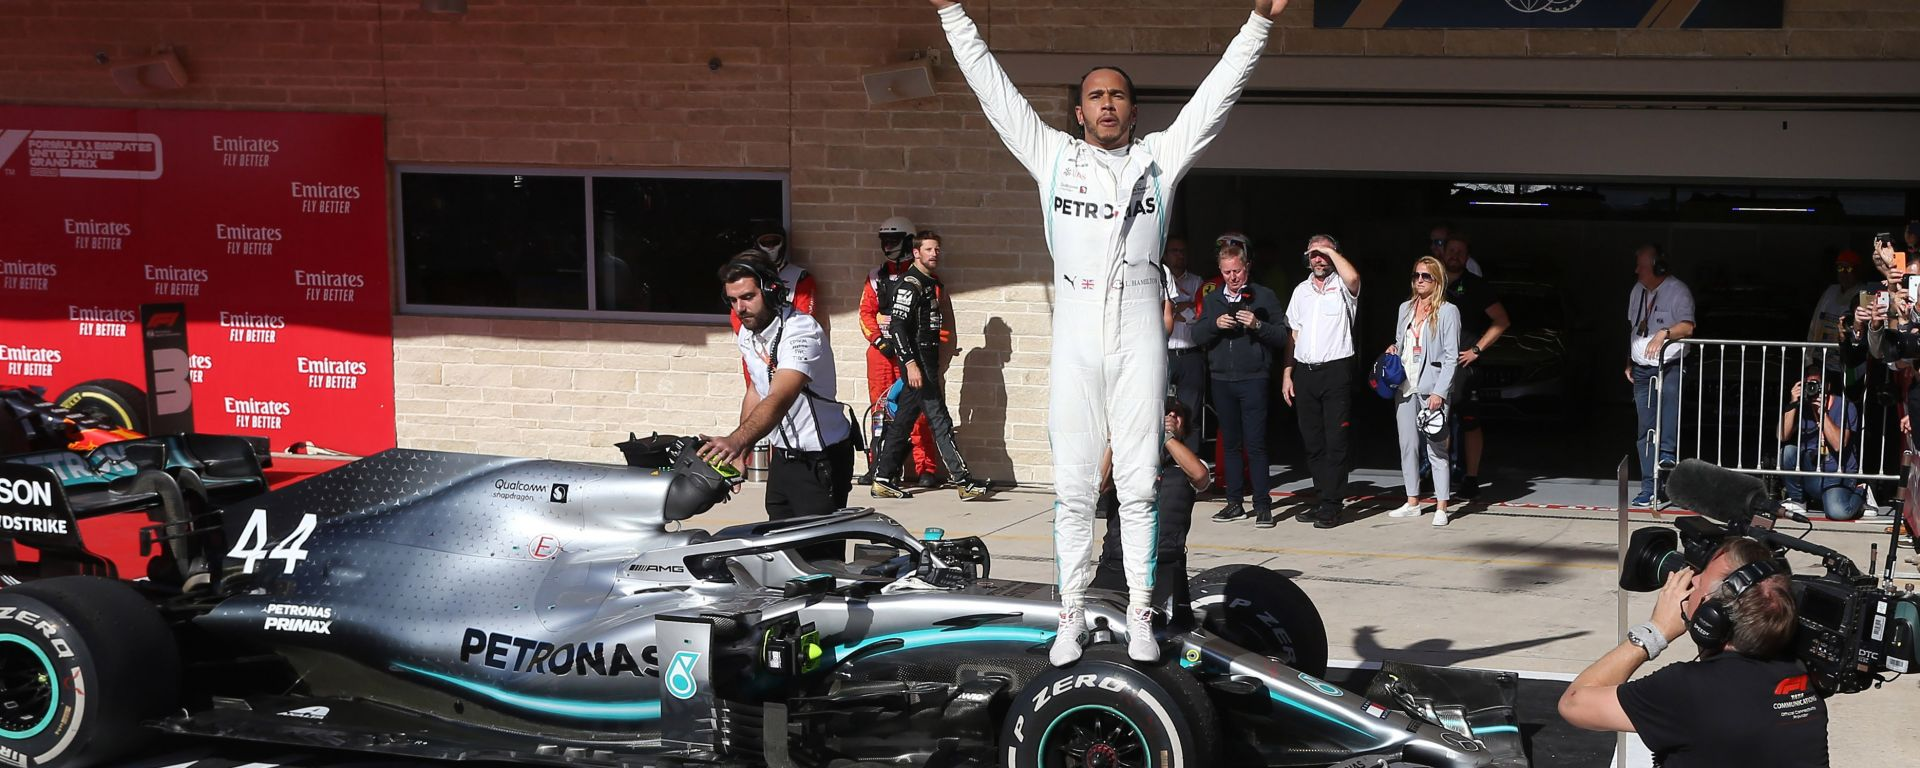 F1, GP Stati Uniti 2019: Lewis Hamilton (Mercedes) festeggia la conquista del titolo mondiale